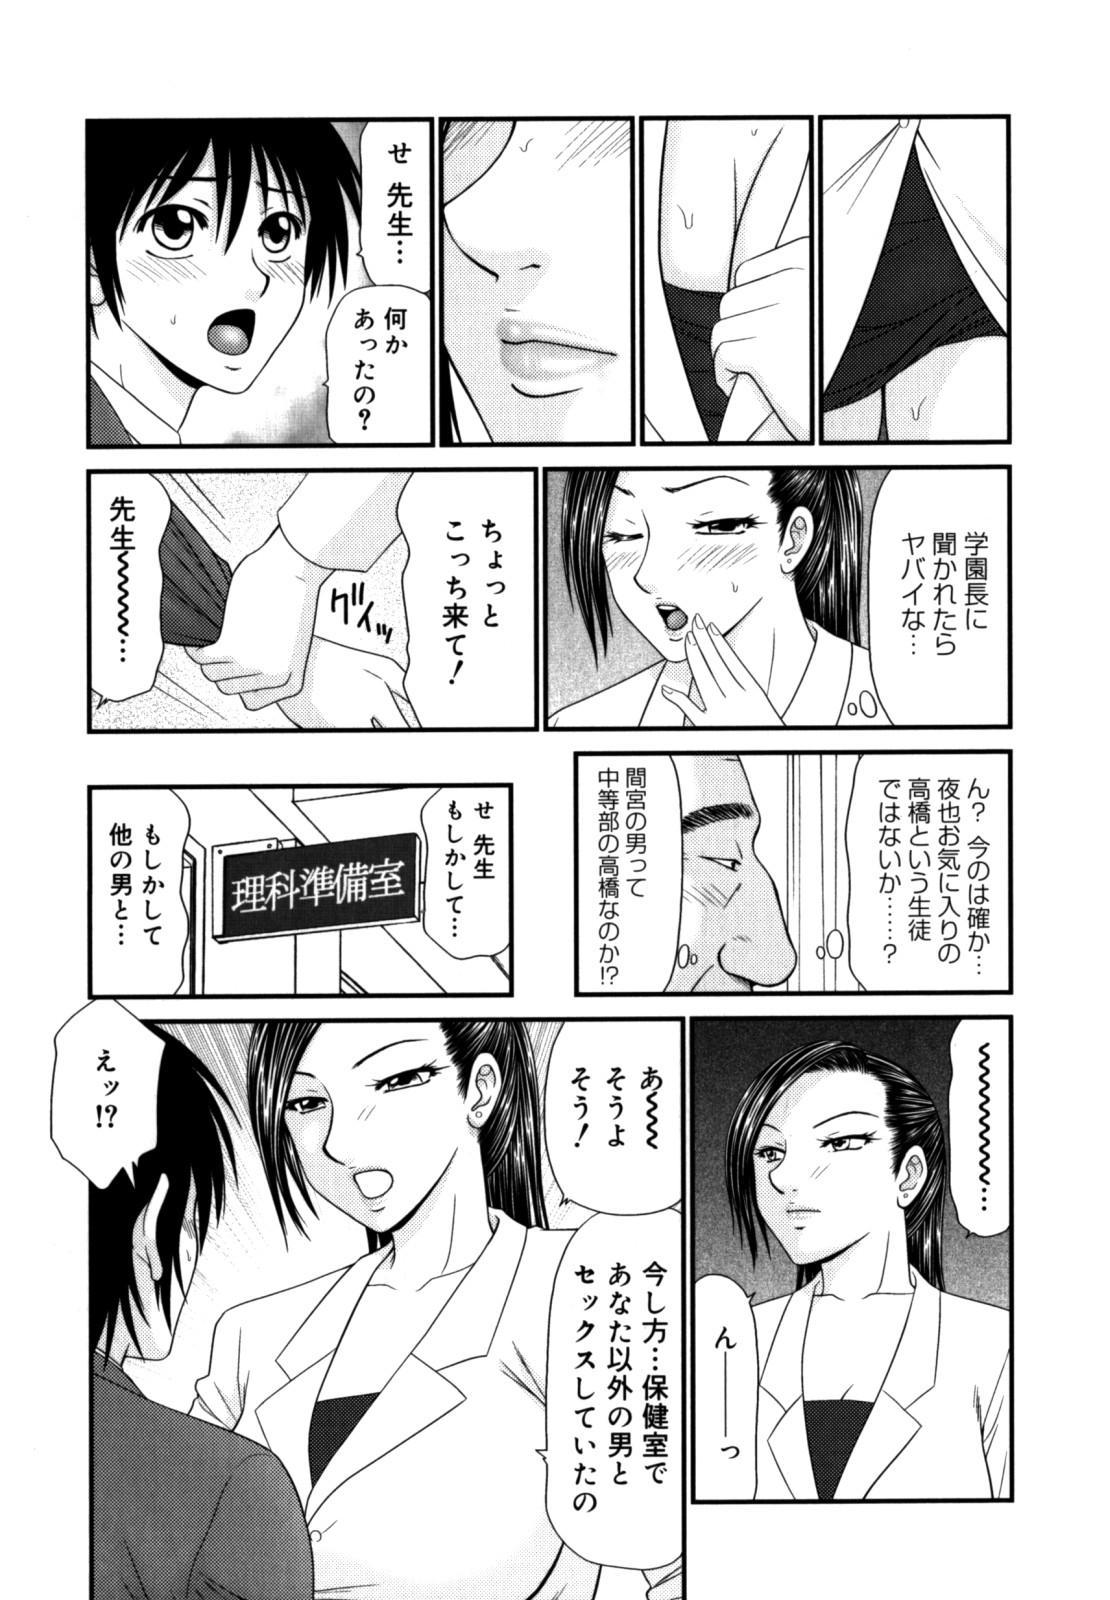 Gakuen no Mushikera 2 64